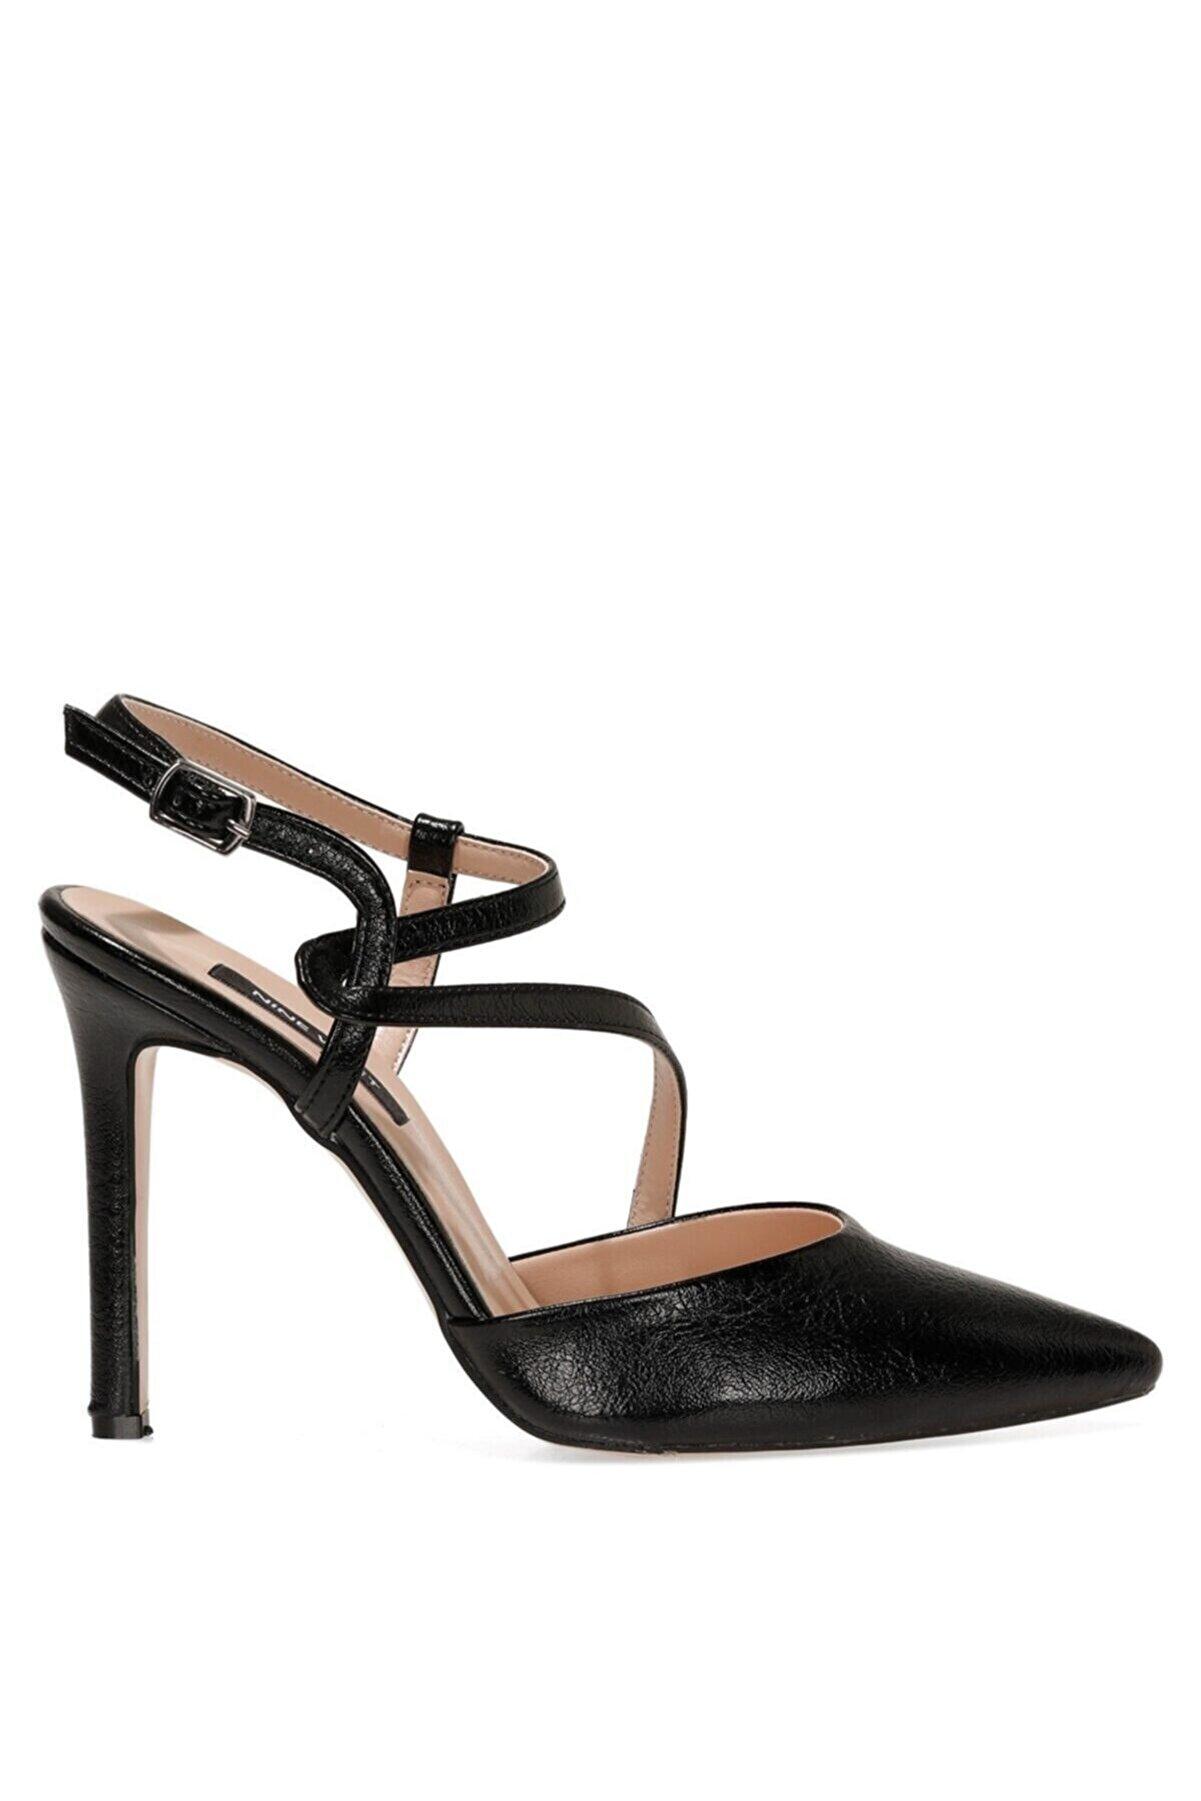 Nine West TUMLA 1FX Siyah Kadın Gova Ayakkabı 101011957